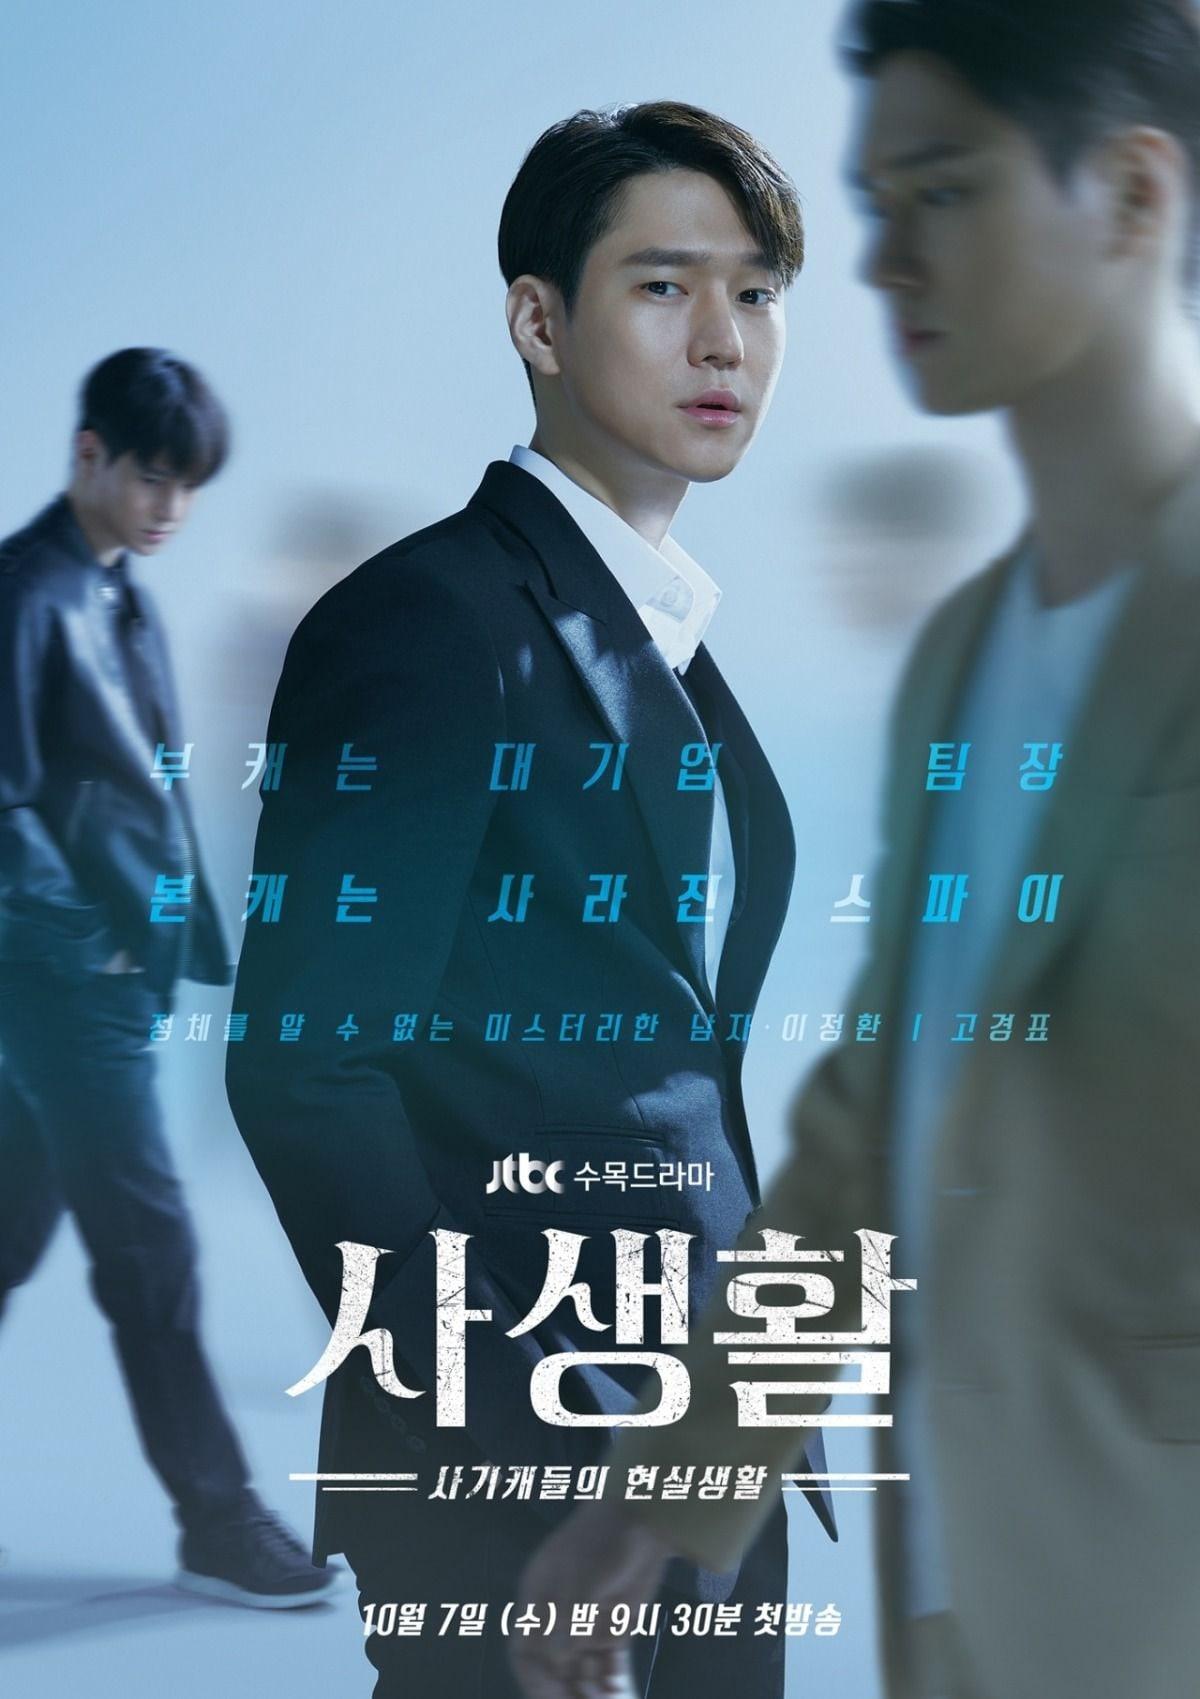 go kyung pyo 2